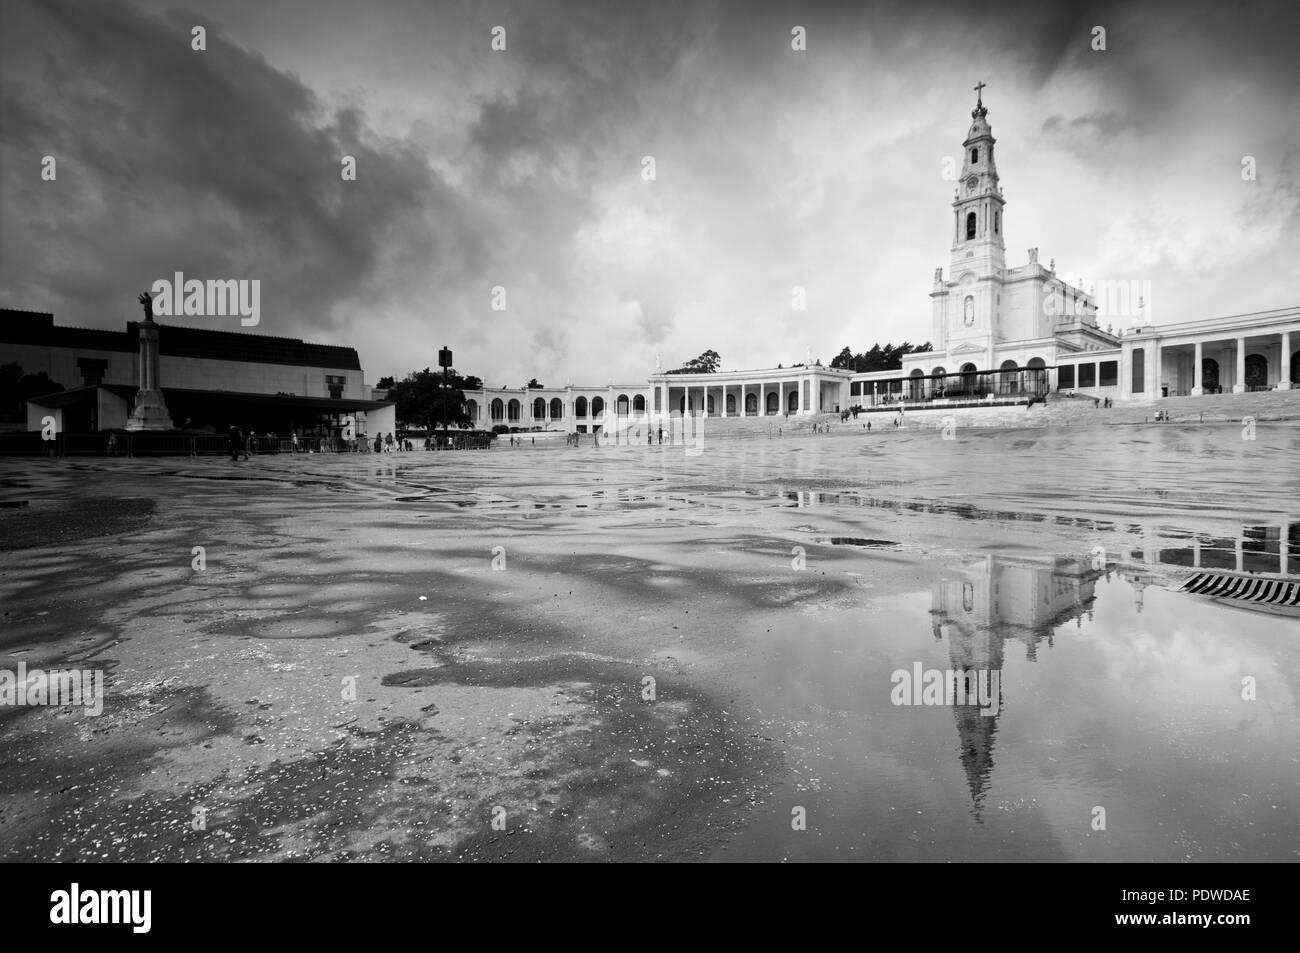 Fatima Ansicht mit Reflexion über das Wasser nach dem Regen Stockbild